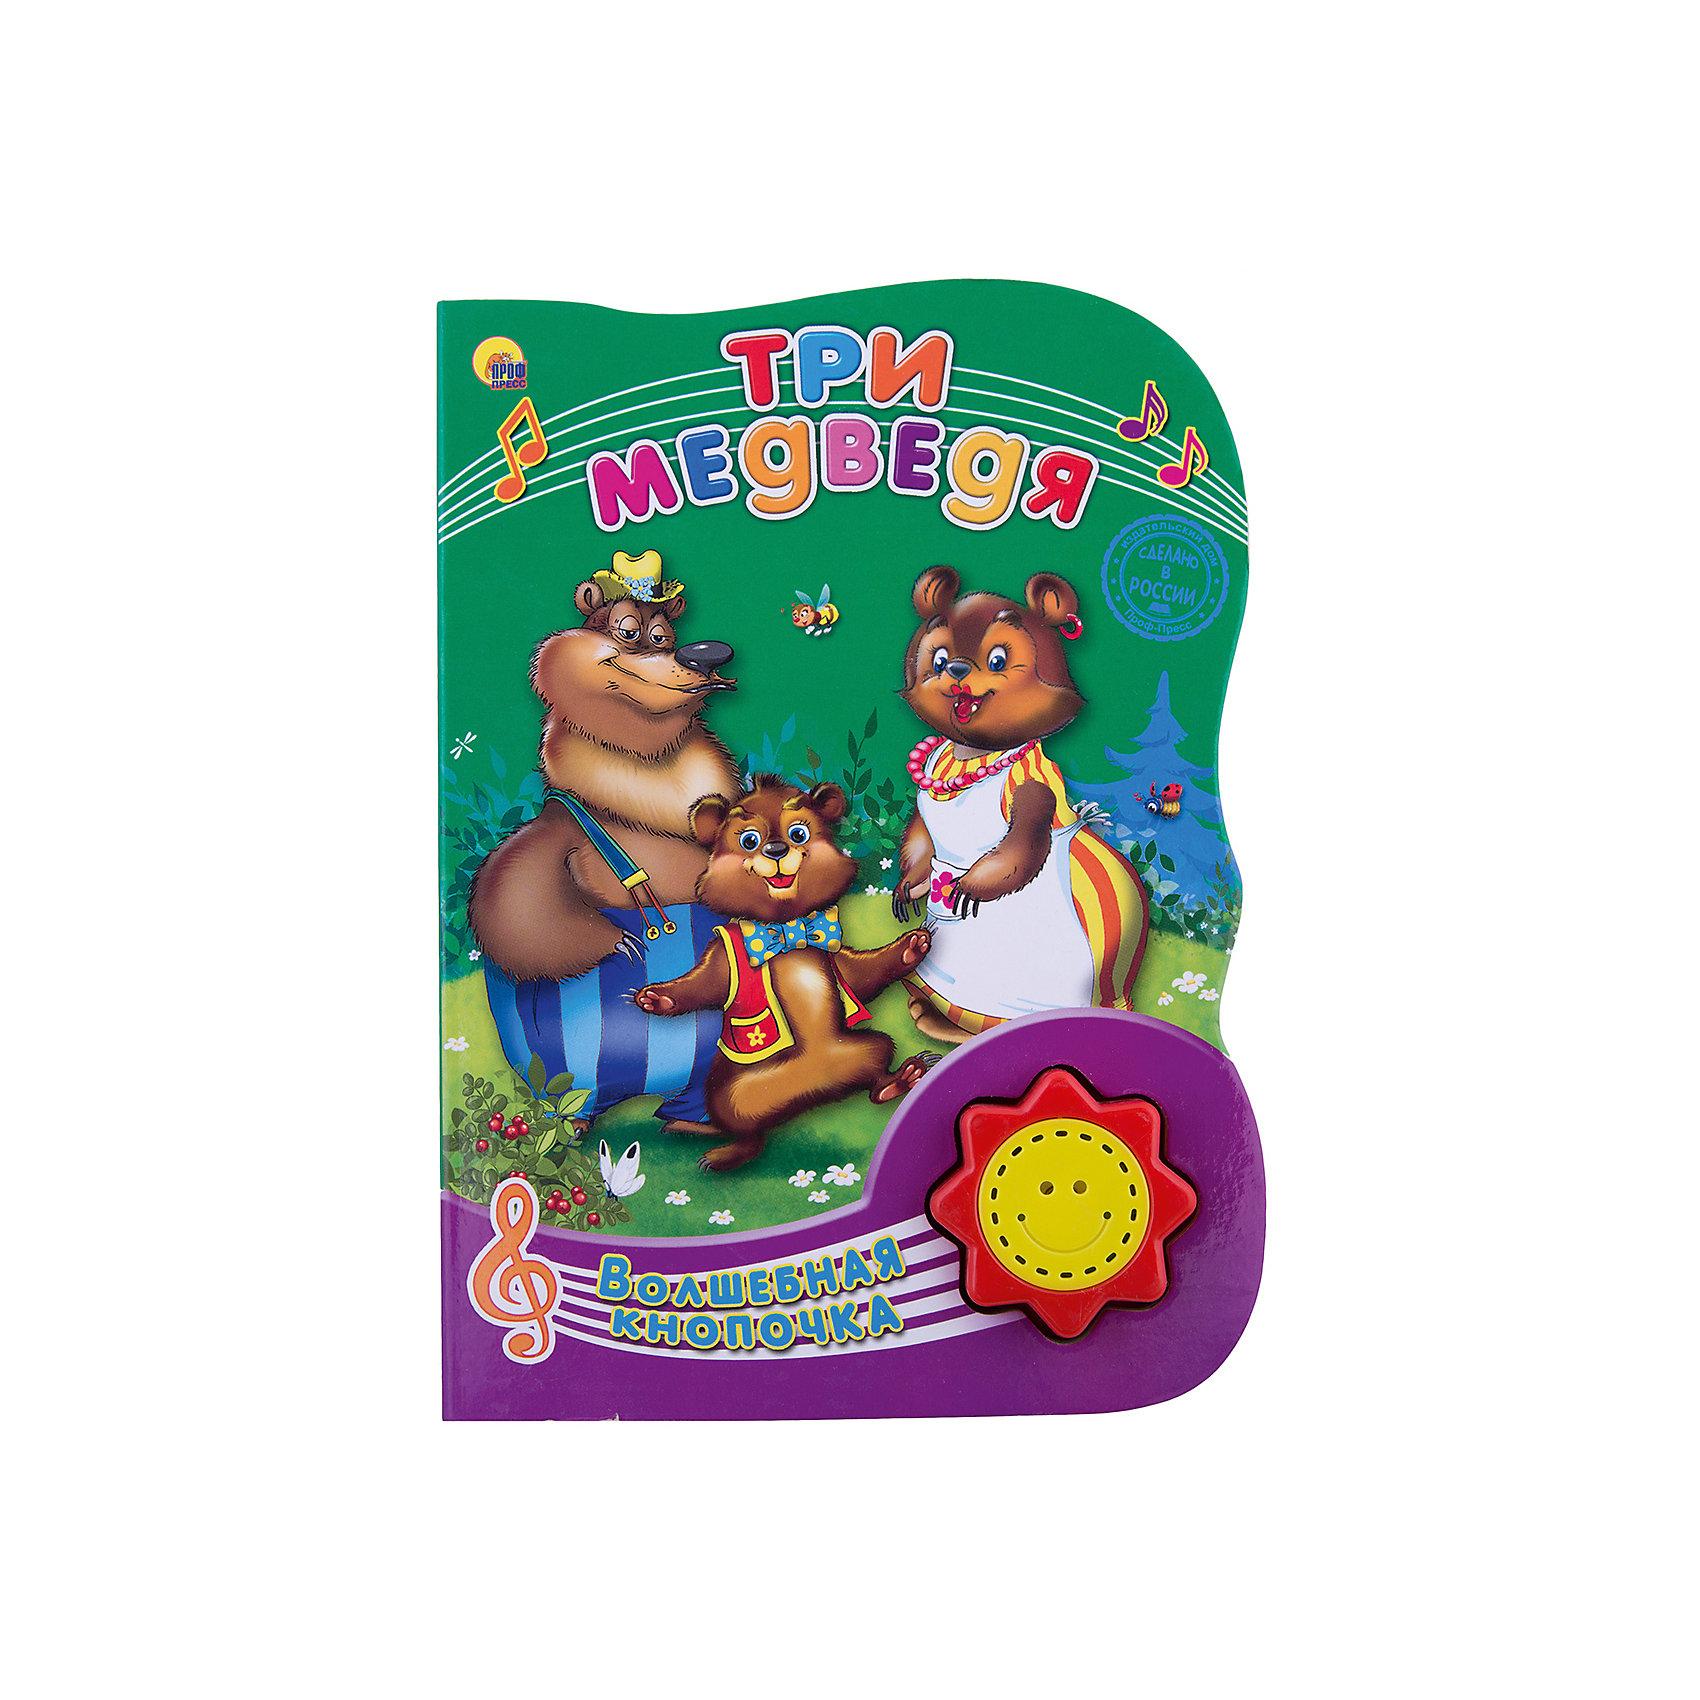 Три медведя, Волшебная кнопочкаЕсть сказки, проверенные многими поколениями, которые понравятся и современным детям. Книги - это лучший подарок не только взрослым, они помогают детям познавать мир и учиться читать, также книги позволяют ребенку весело проводить время. Они также стимулируют развитие воображения, логики и творческого мышления.<br>Это издание сделано специально для самых маленьких - с плотными страничками и звуковым модулем, который будет сопровождать сказку песенками и музыкой. Яркие картинки обязательно понравятся малышам! Книга сделана из качественных и безопасных для детей материалов.<br>  <br>Дополнительная информация:<br><br>страниц: 8; <br>размер: 212x155x25 мм;<br>вес: 200 г.<br><br>Книгу со звуковым модулем Волшебная кнопочка. Три медведя от издательства Проф-Пресс можно купить в нашем магазине.<br><br>Ширина мм: 155<br>Глубина мм: 20<br>Высота мм: 210<br>Вес г: 200<br>Возраст от месяцев: 0<br>Возраст до месяцев: 60<br>Пол: Унисекс<br>Возраст: Детский<br>SKU: 4787261